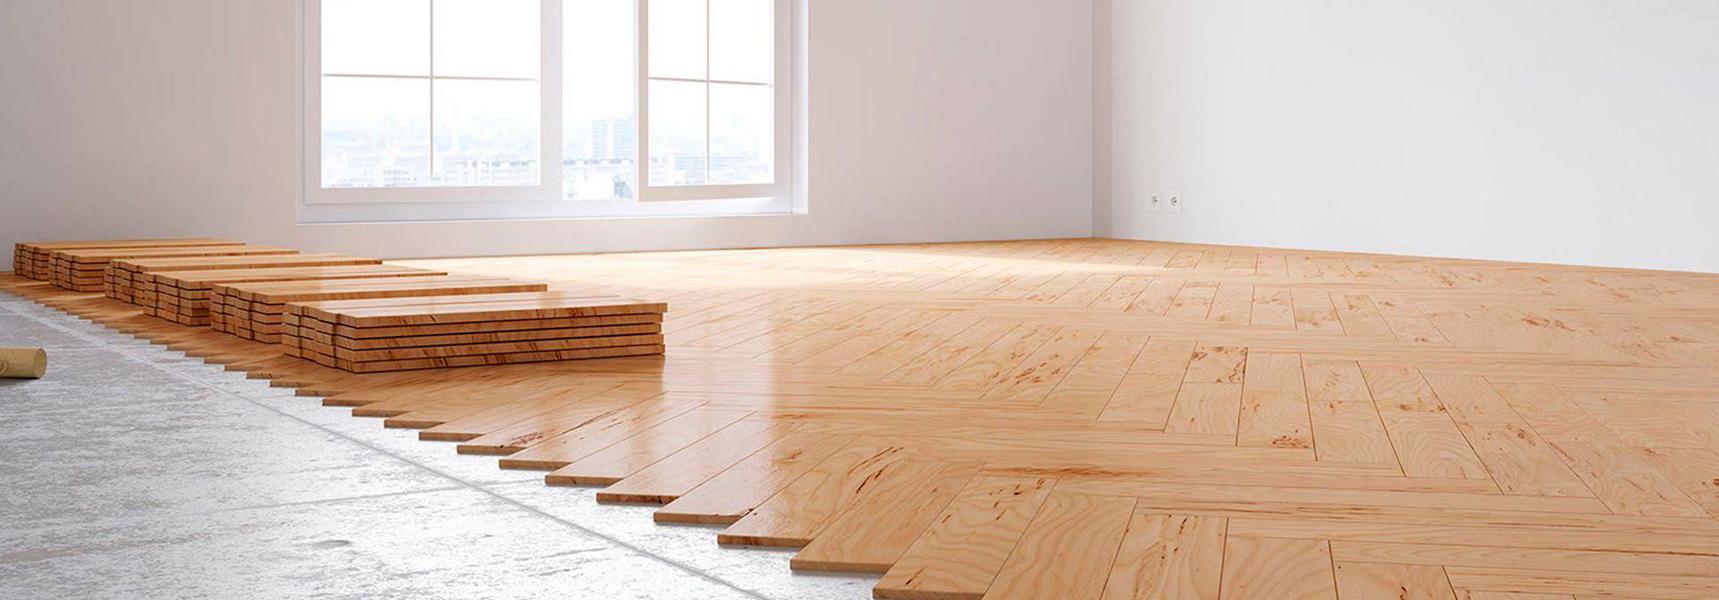 Elige el material perfecto para tu suelo de madera